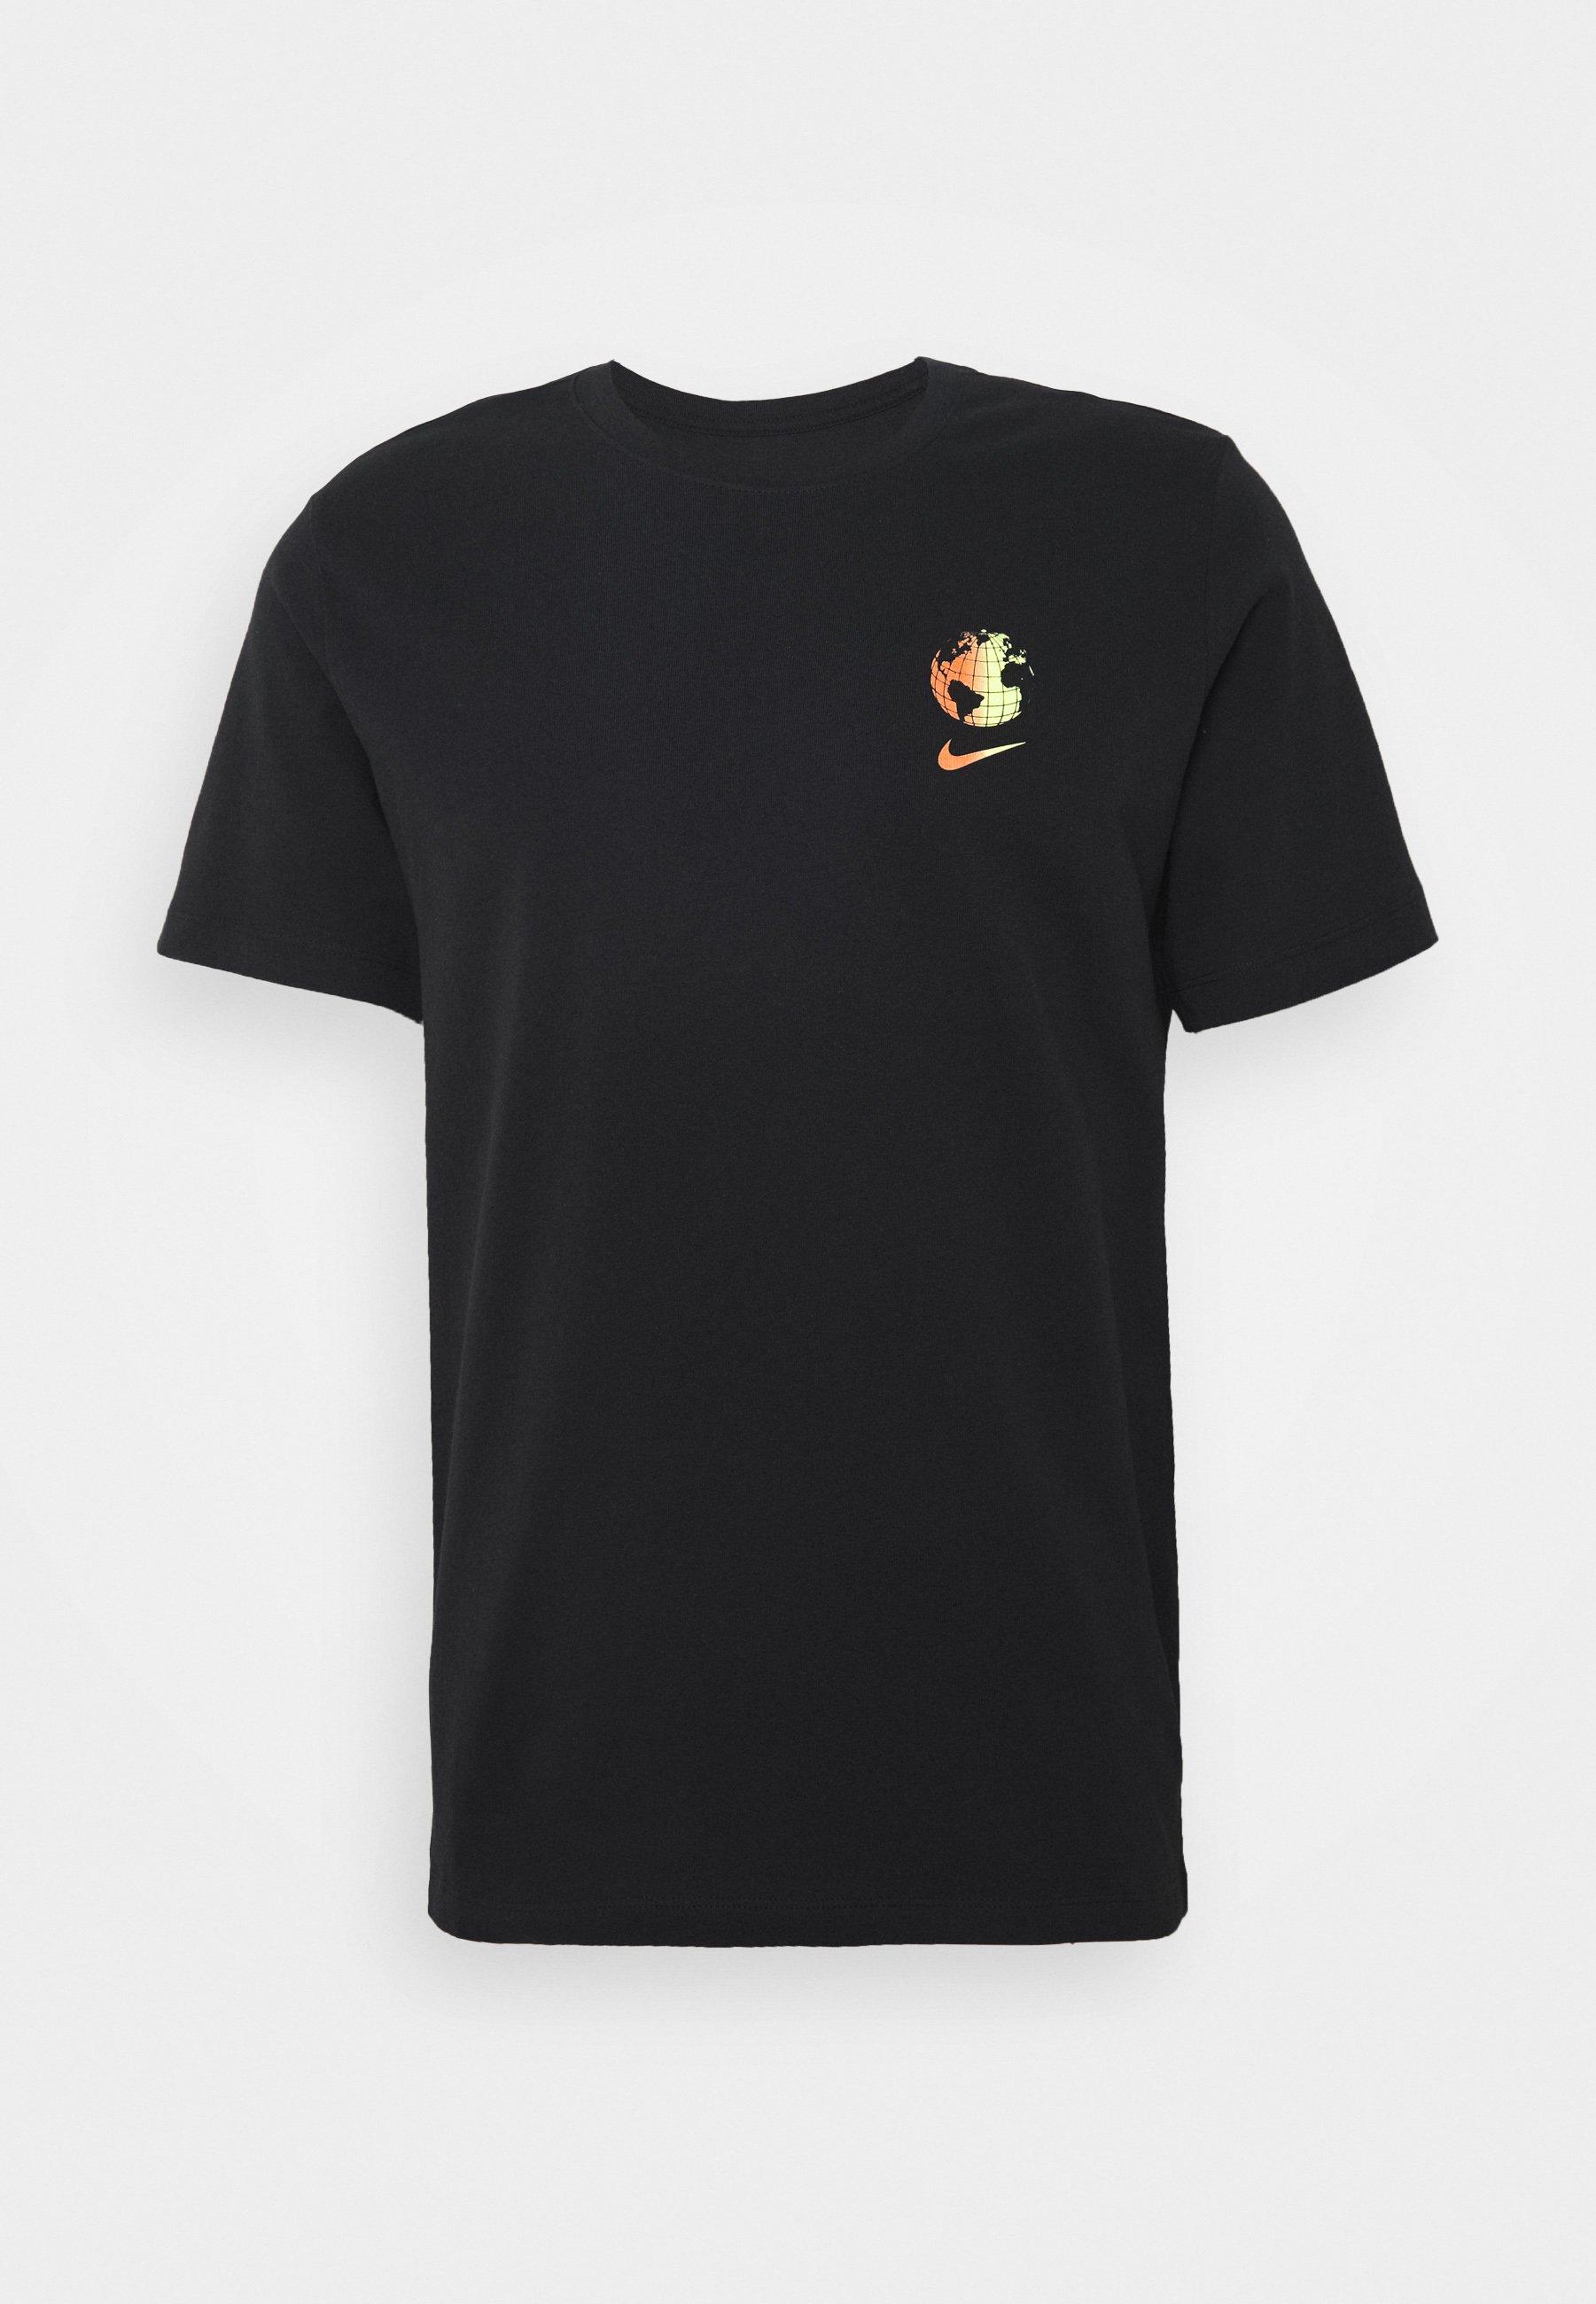 Nike Sportswear M NSW WORLDWIDE GLOBE - T-shirt imprimé - black - ZALANDO.FR